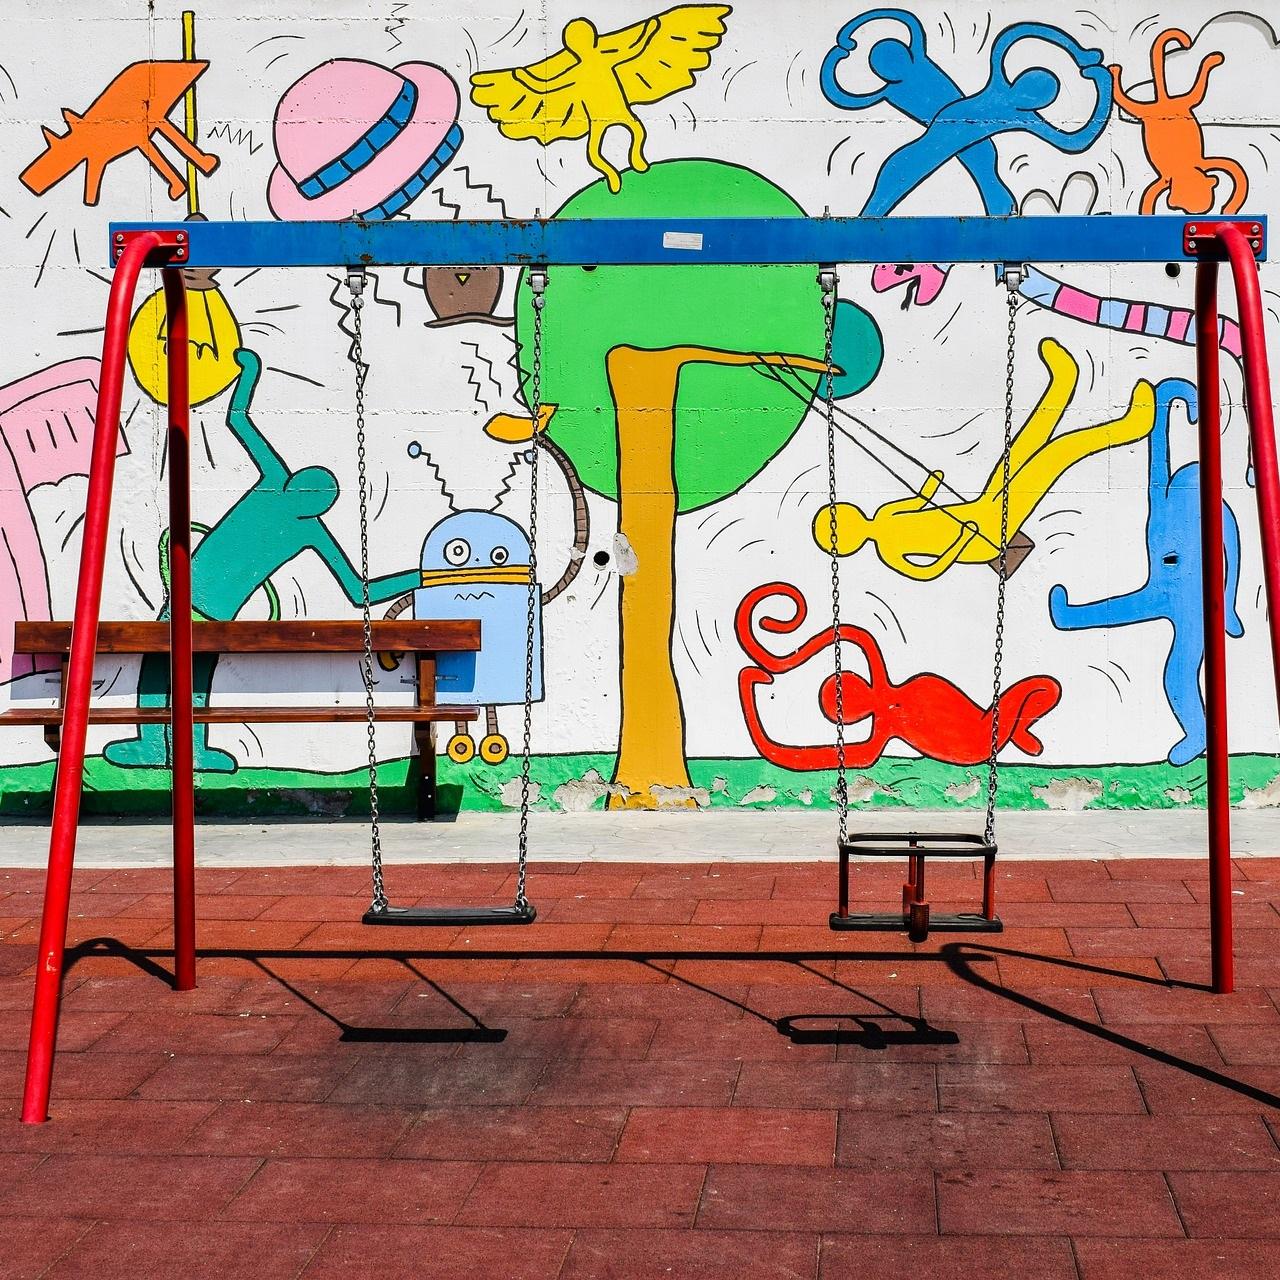 playground-2543311_1920.jpg